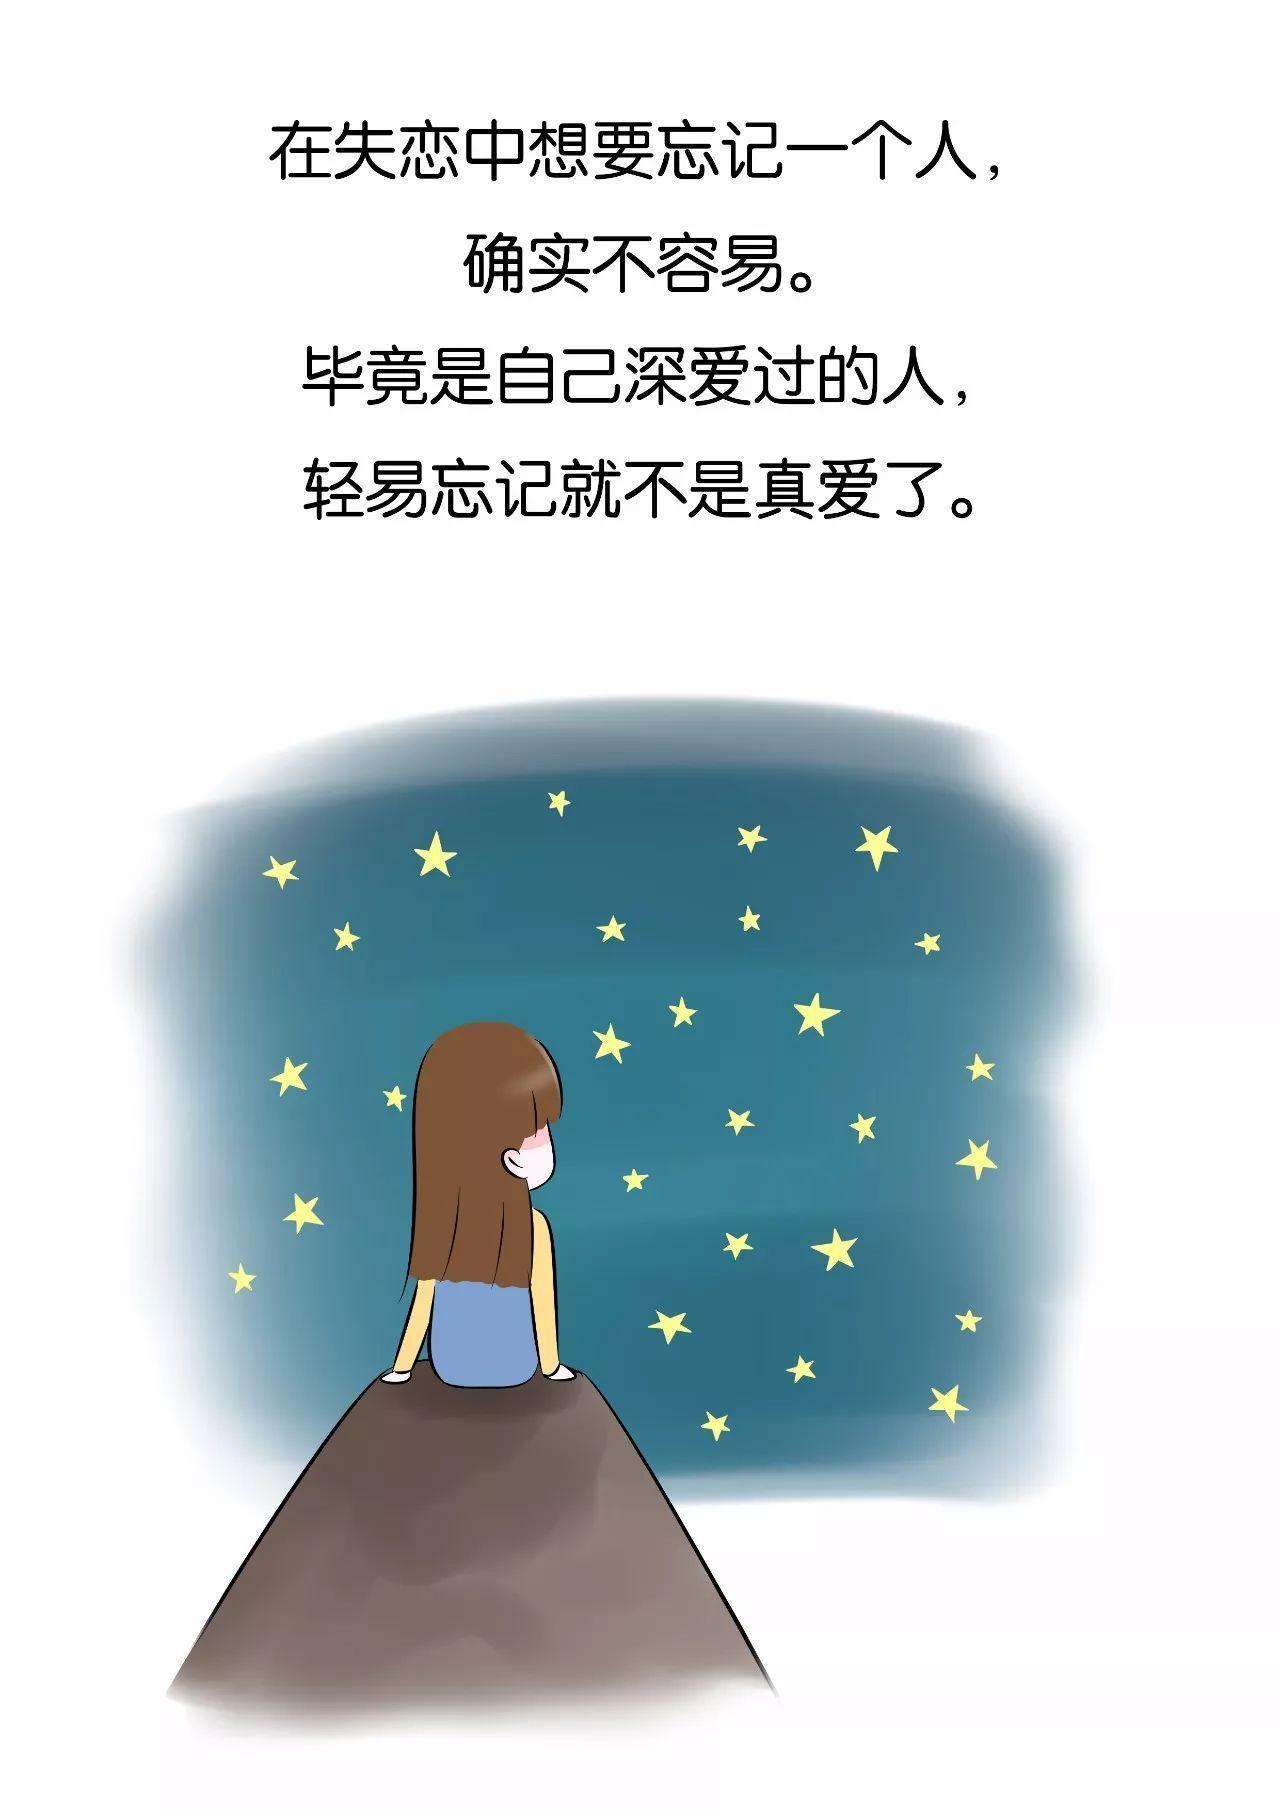 小米突然宣布:继拦腰折价后又憋大招!小米MIX2S色彩陶瓷亮相